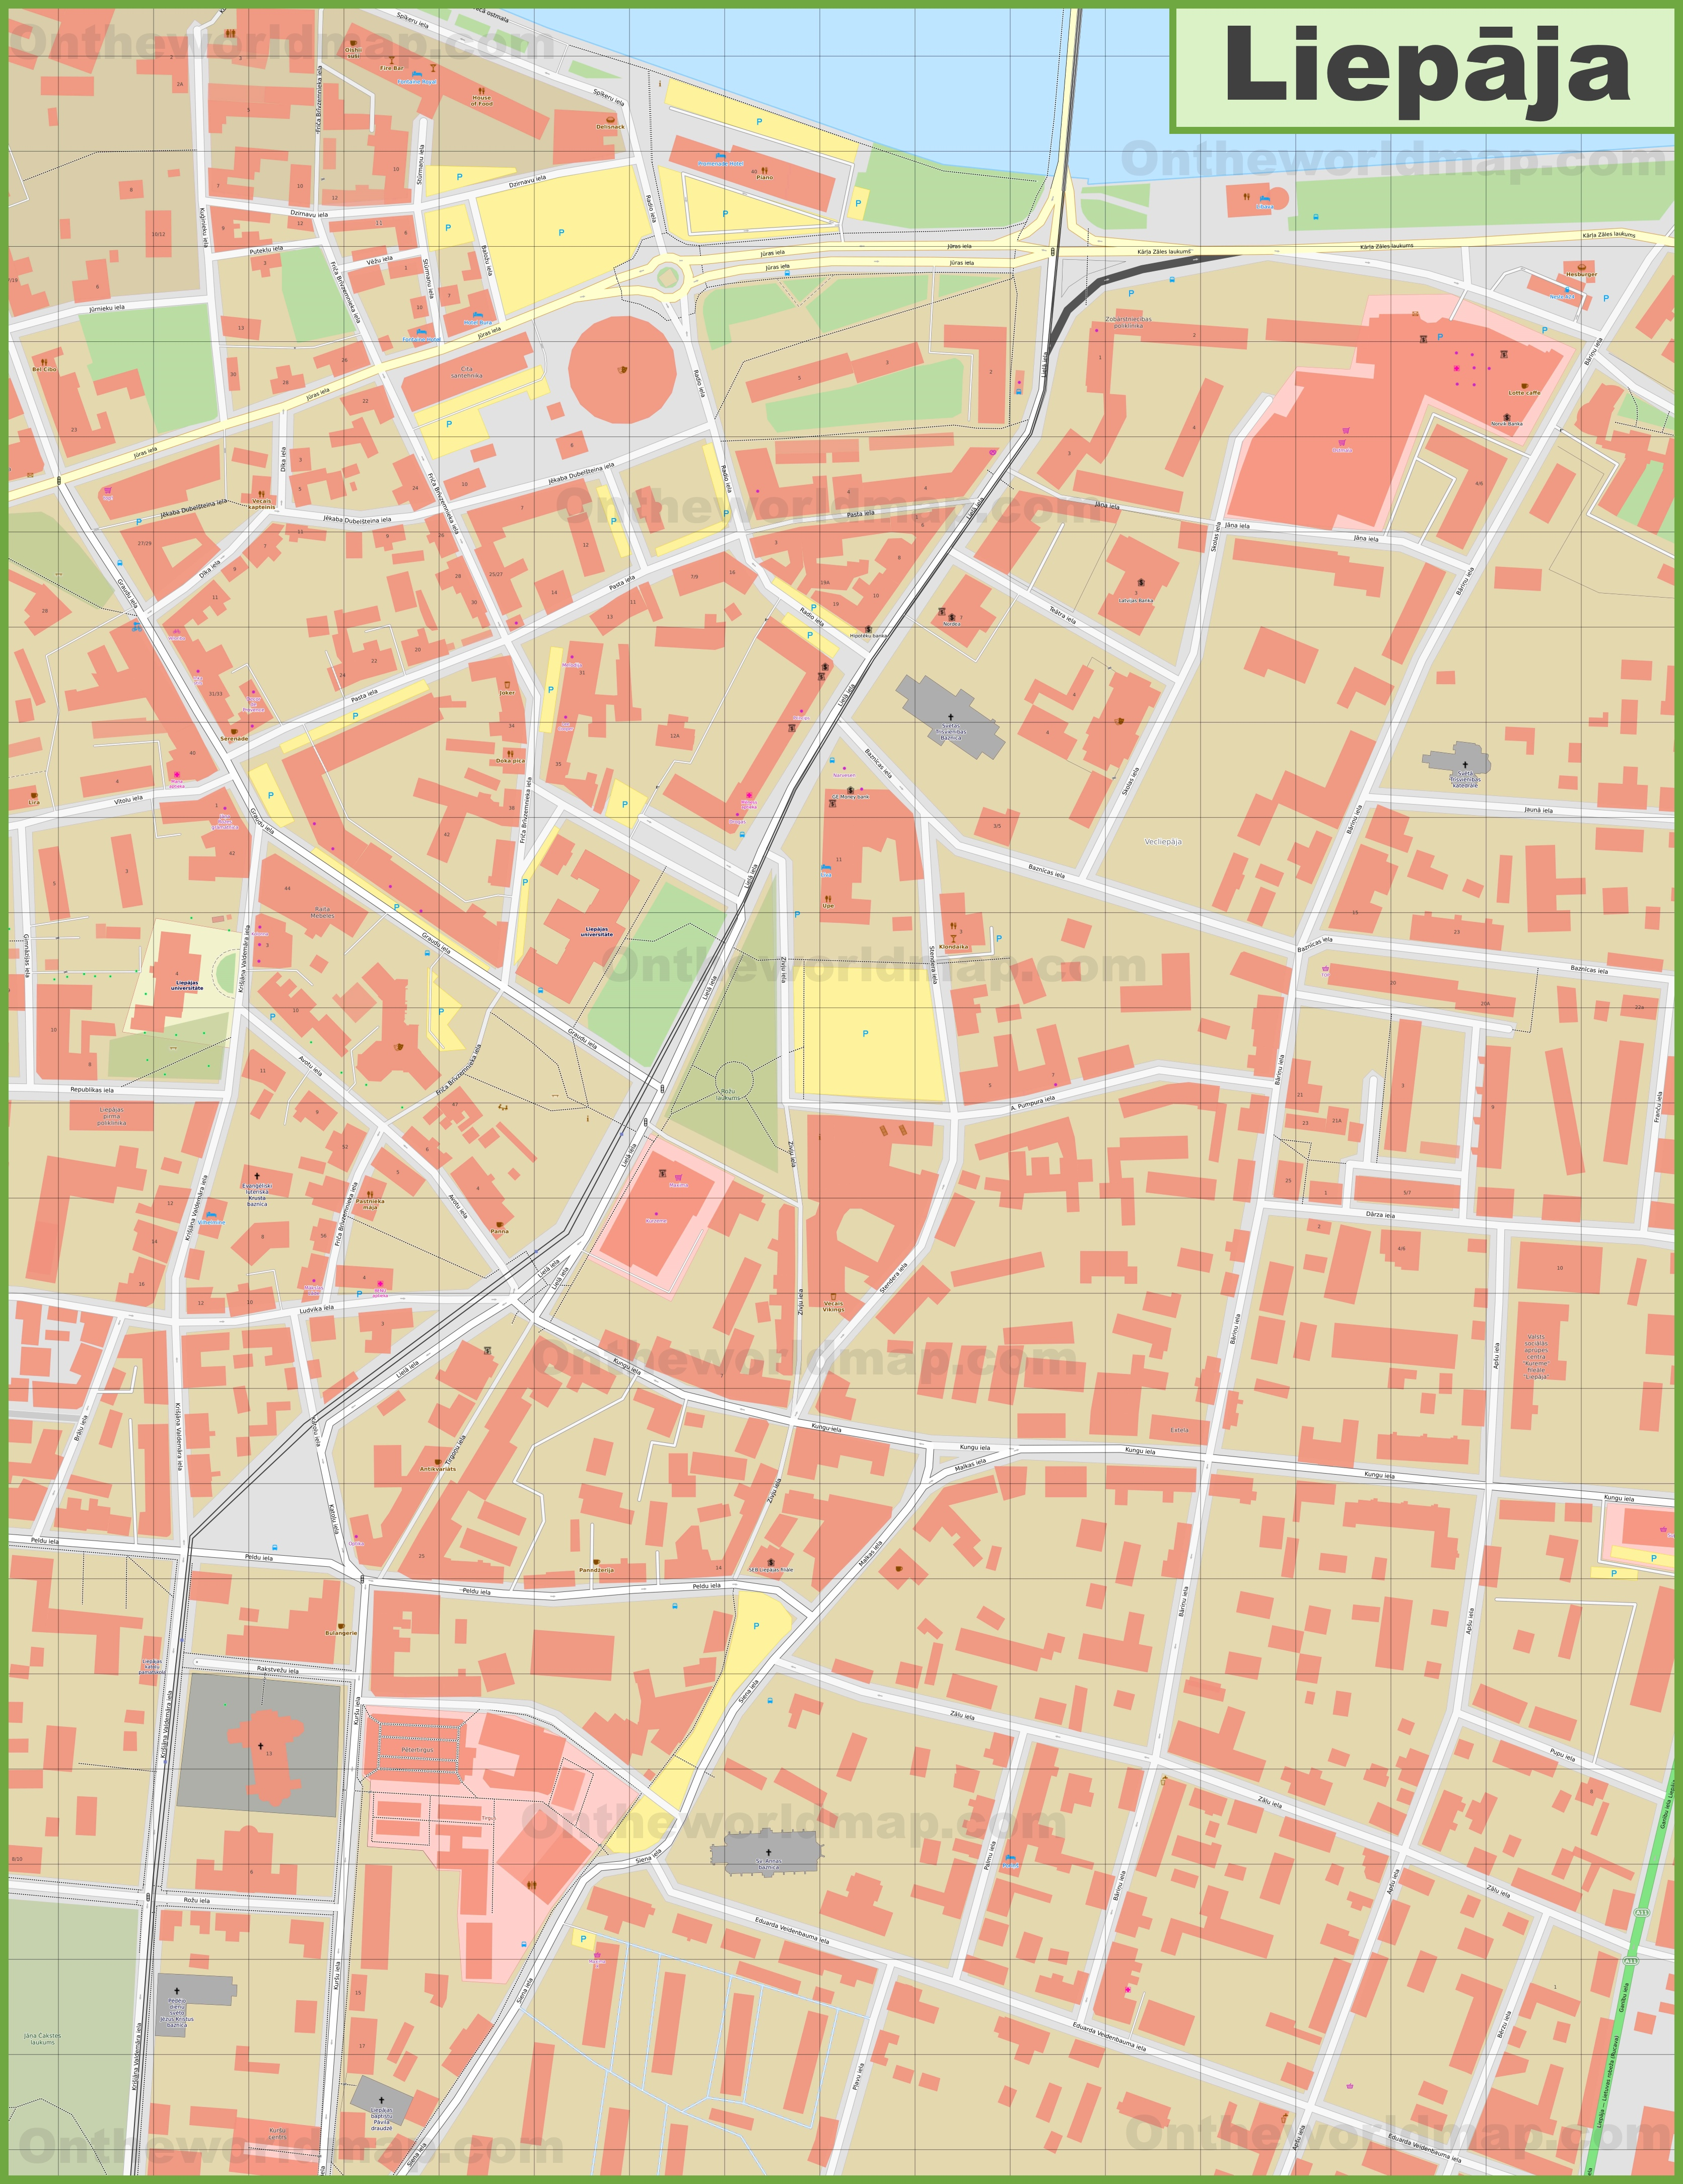 Liepāja city center map